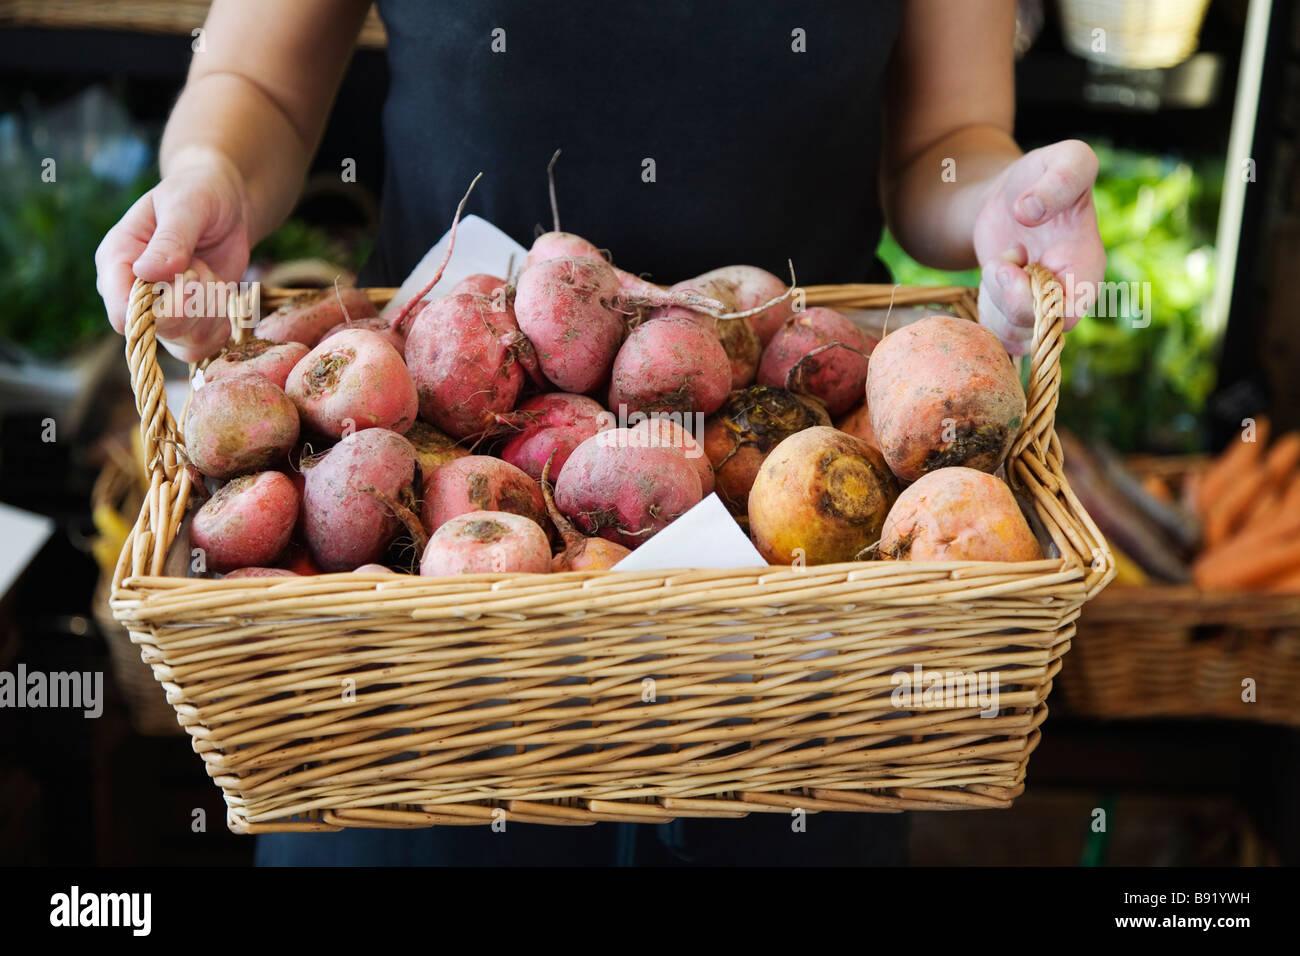 Root vegetables in a basket Sweden. - Stock Image